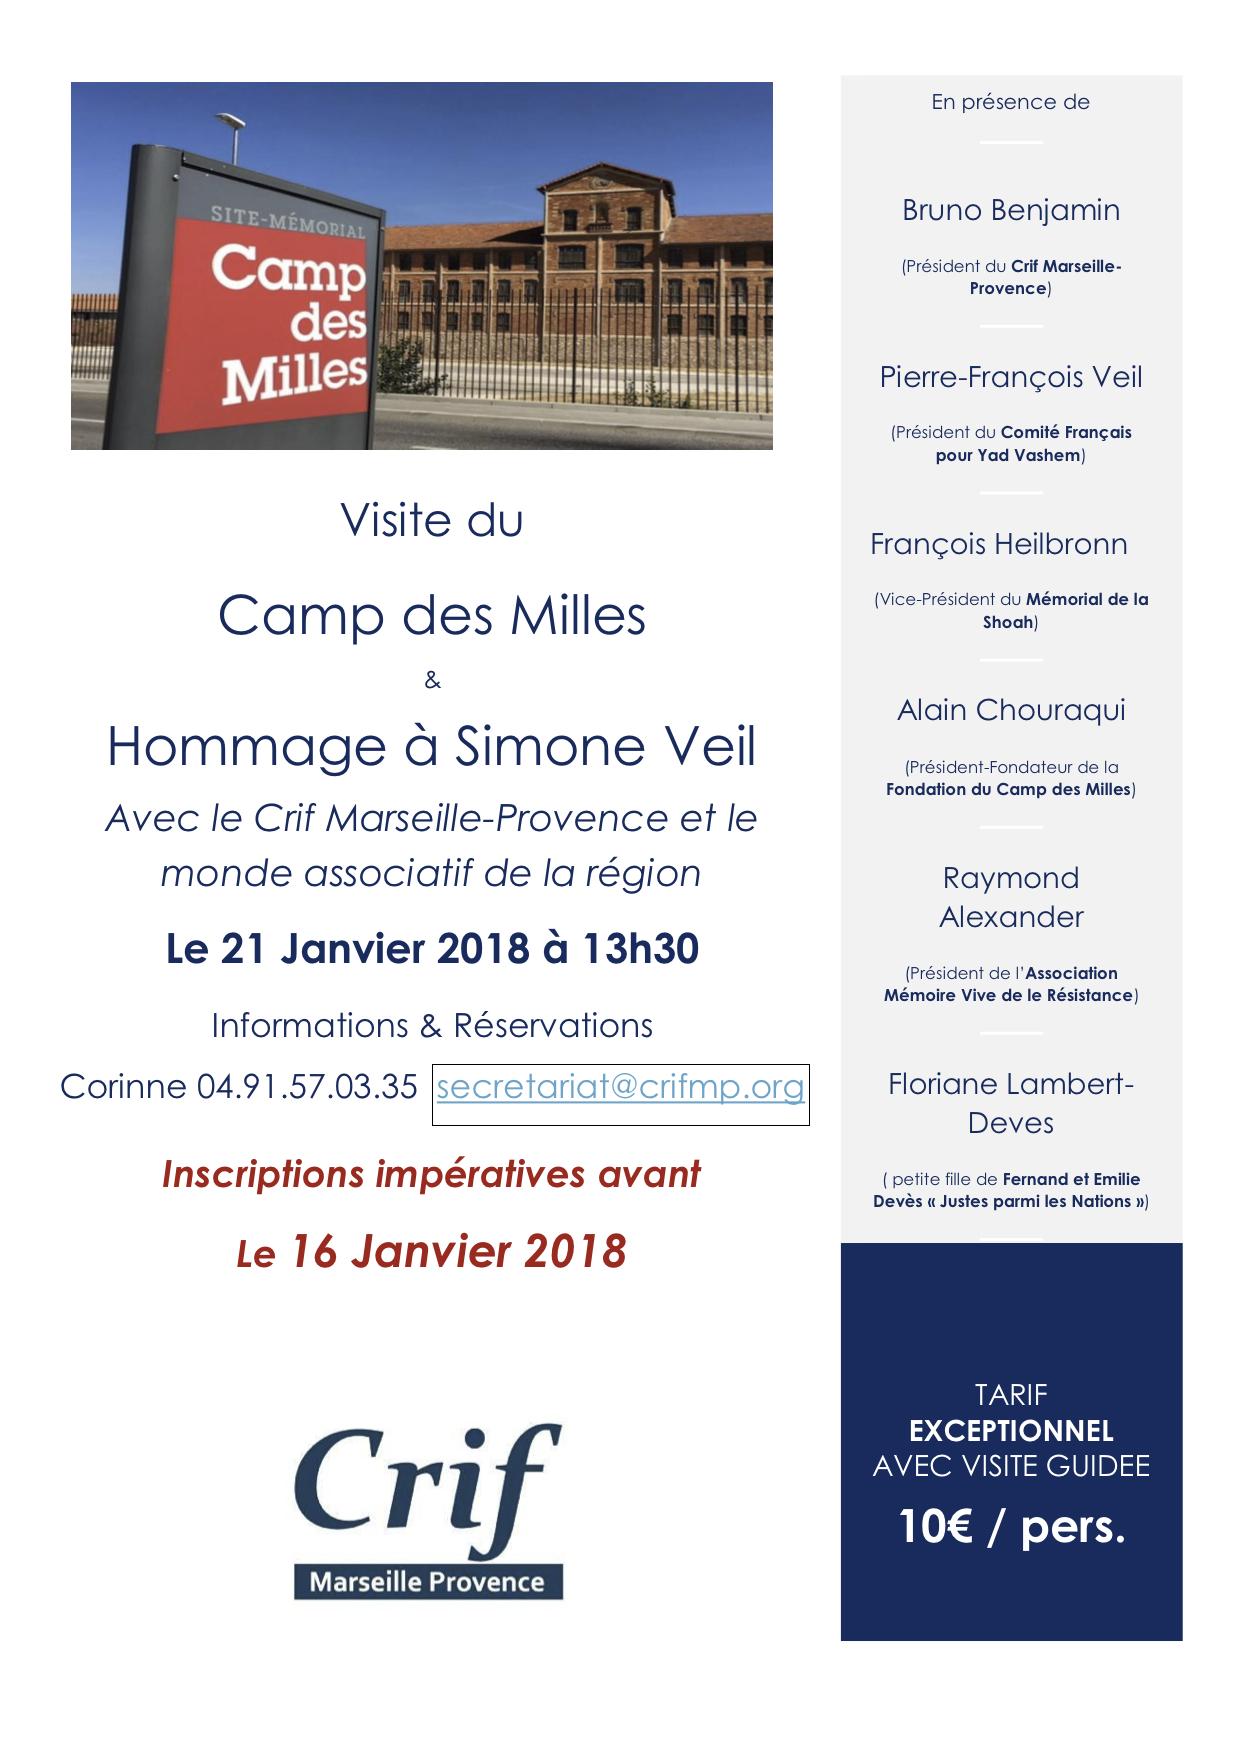 Visite du Camp des Milles et Hommage à Madame Simone Veil avec le monde associatif de la région le 21 Janvier 2018